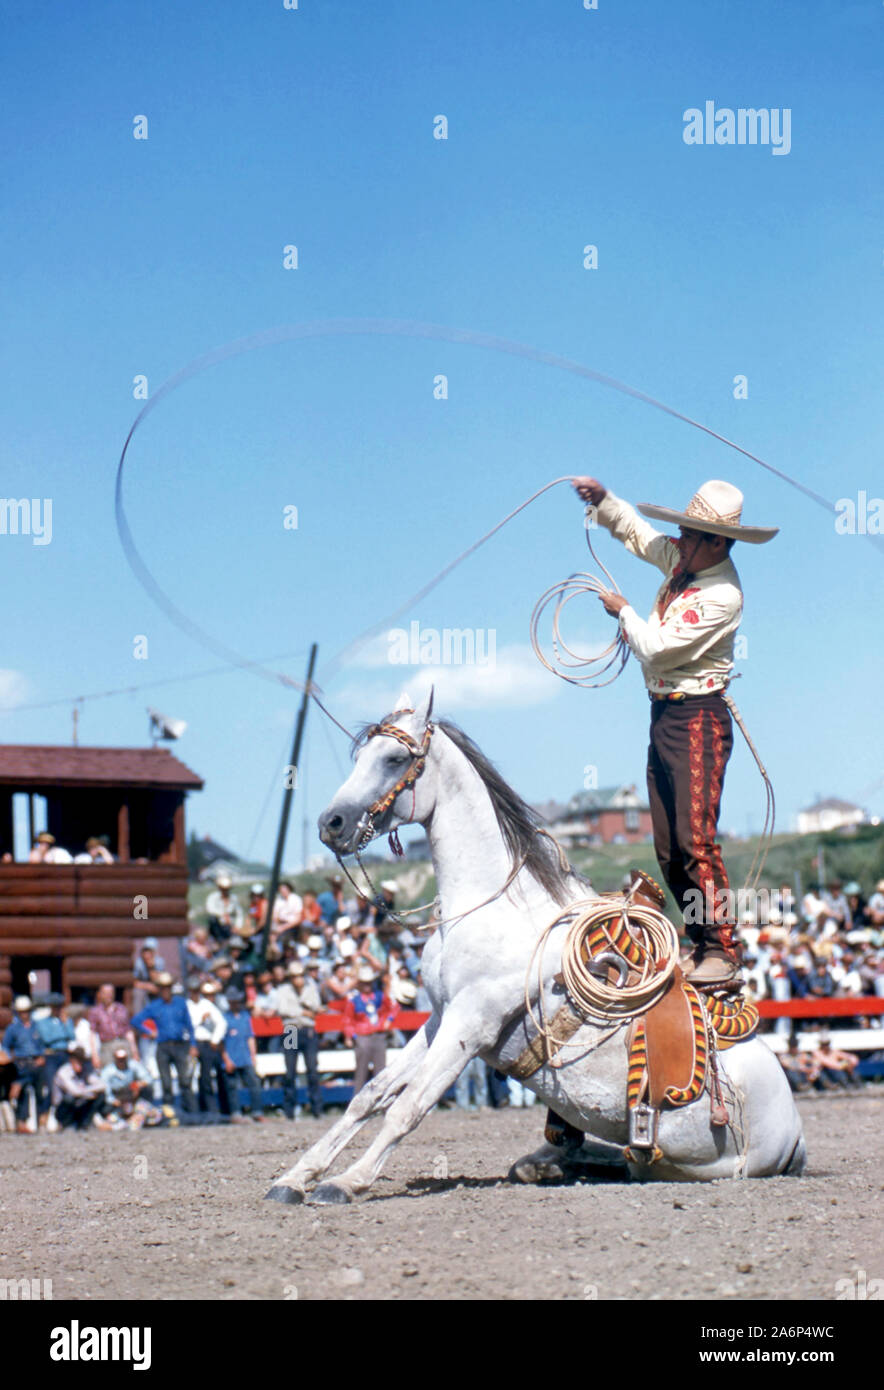 CALGARY, AB - 9 juillet: Un homme non identifié a son cheval s'agenouiller comme il le fait d'acier au cours de l'astuces Stampede de Calgary, le 9 juillet 1954 à Calgary, Alberta, Canada. (Photo de Hy Peskin) (Définition du nombre: X1460) Banque D'Images